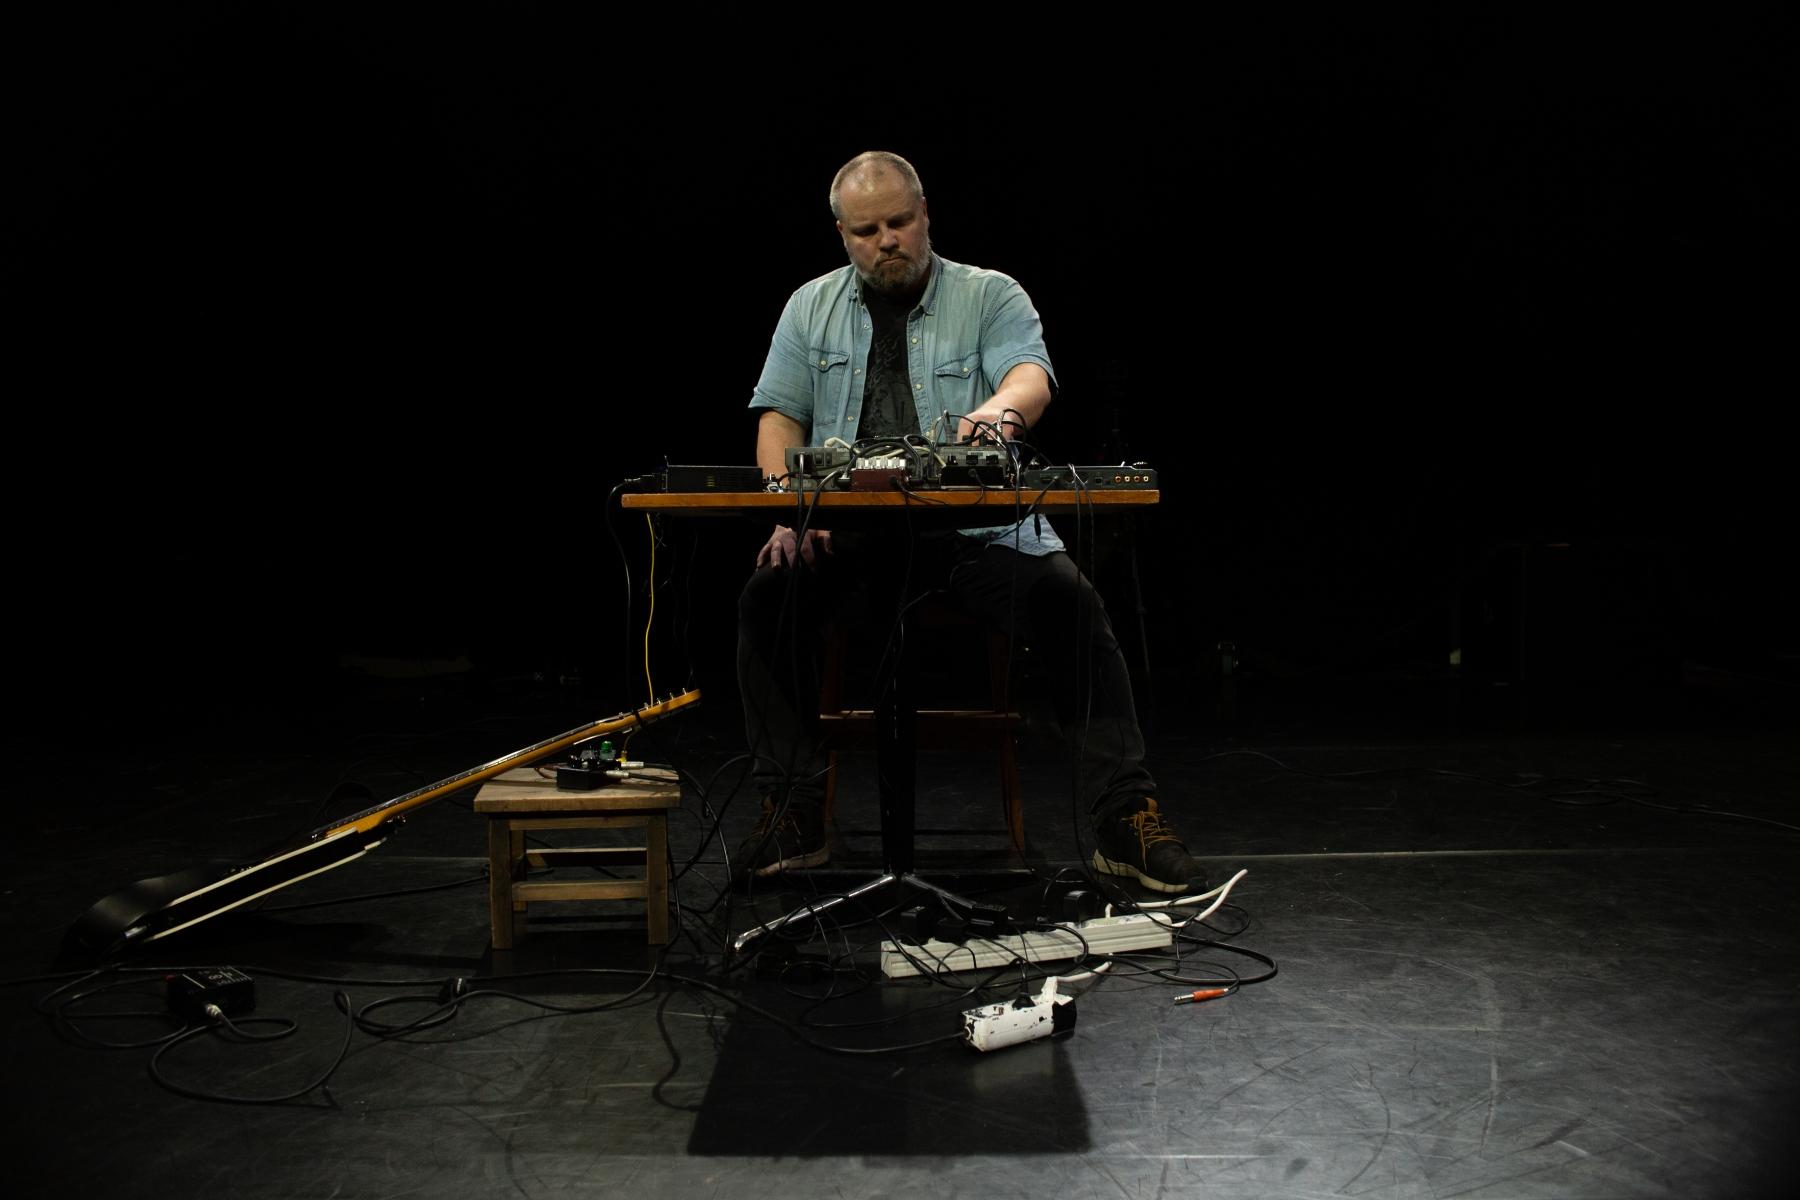 Noisemannen-vid-ljudbordet-full